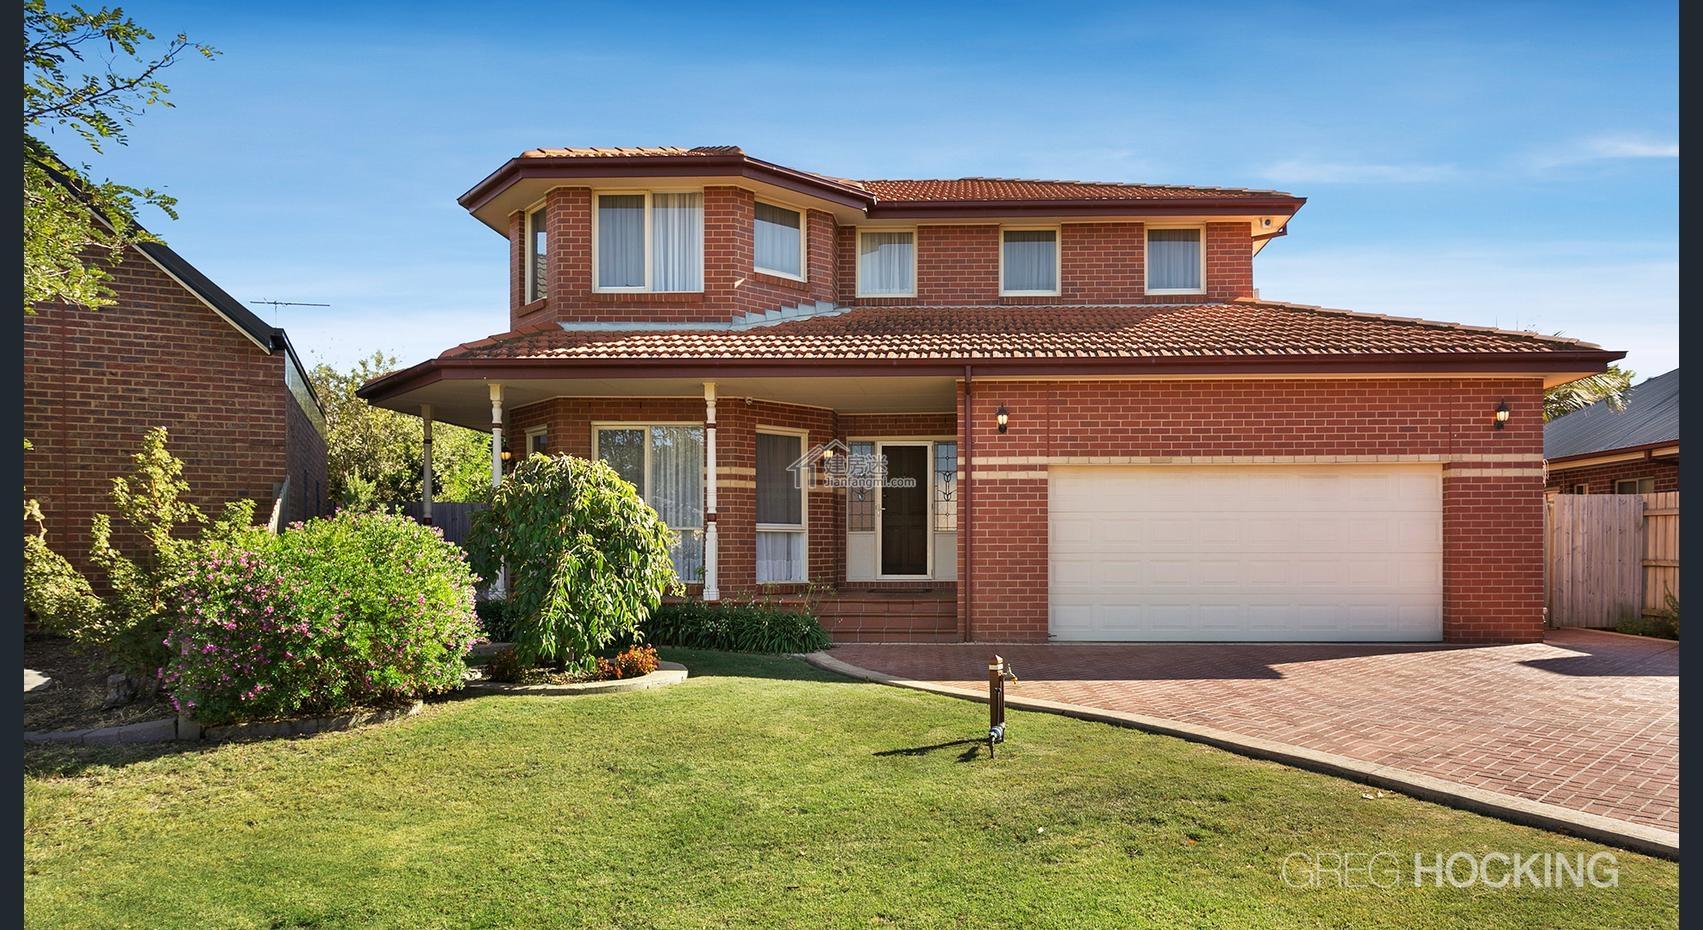 今天建房迷(微信公眾號 jianfangmi )分享給大家這套澳洲簡約風格15米X15米兩層房屋設計圖紅磚外墻裝飾,外觀上面算是比較中庸,不過這個是紅磚做的外墻裝飾,也可以采用掛板或者是真石漆等方式來做。 內容的功能布局定位很清晰,裝修風格也比較簡潔大氣,下面我們來一起看看套圖。 外觀,雙車庫  后院  下面是平面圖 一樓有客廳,餐廳,廚房,家庭室 二樓有四個臥室兩個衛生間  后院  客廳以及餐廳  客廳  餐廳   廚房  臥室  衛生間  因為結構方面相對比較簡單跨度也不大,也可以用EPS模塊建造,或